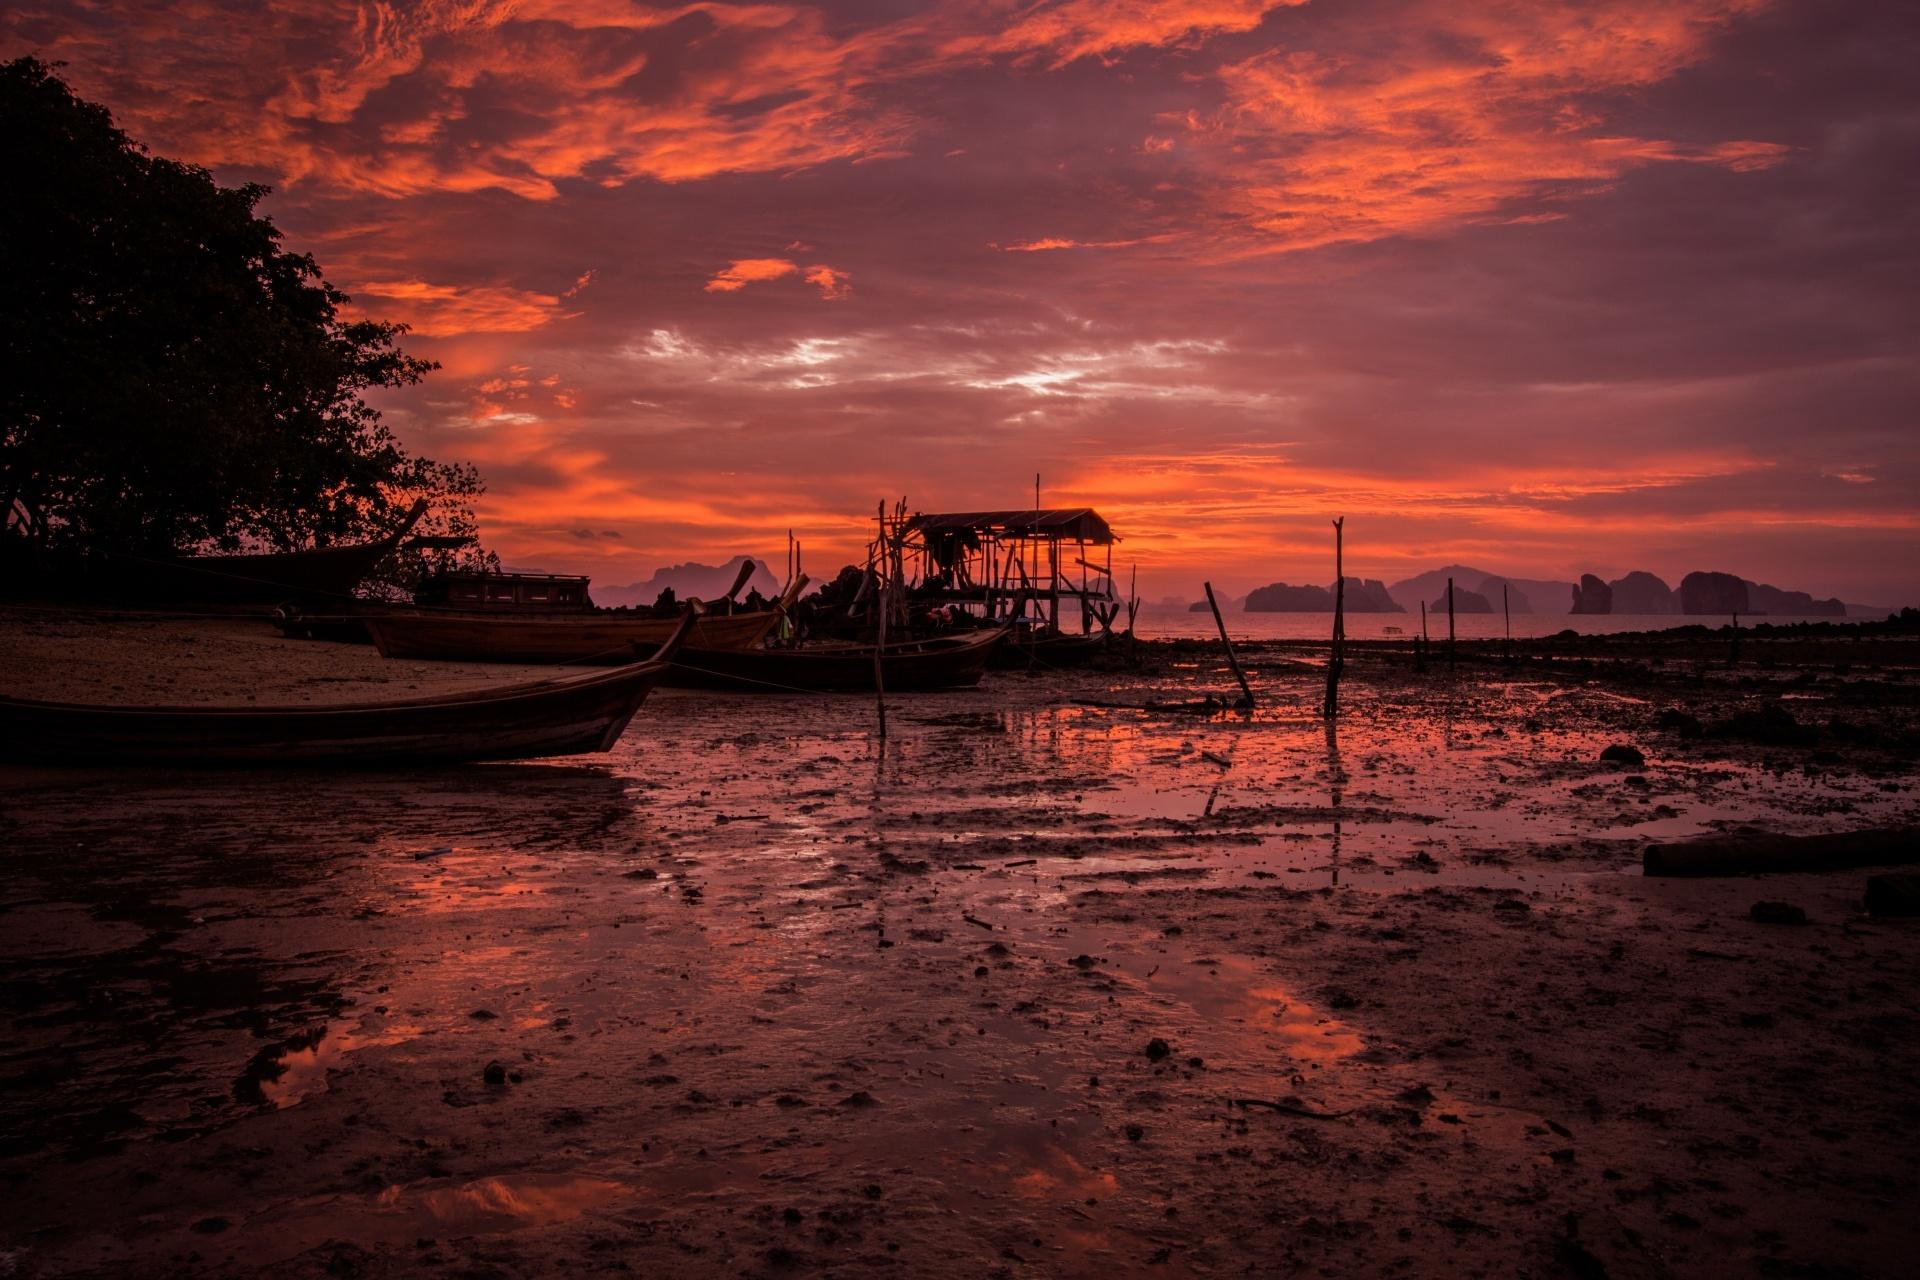 ヤオノイ島の漁村の朝焼けの風景 タイの風景